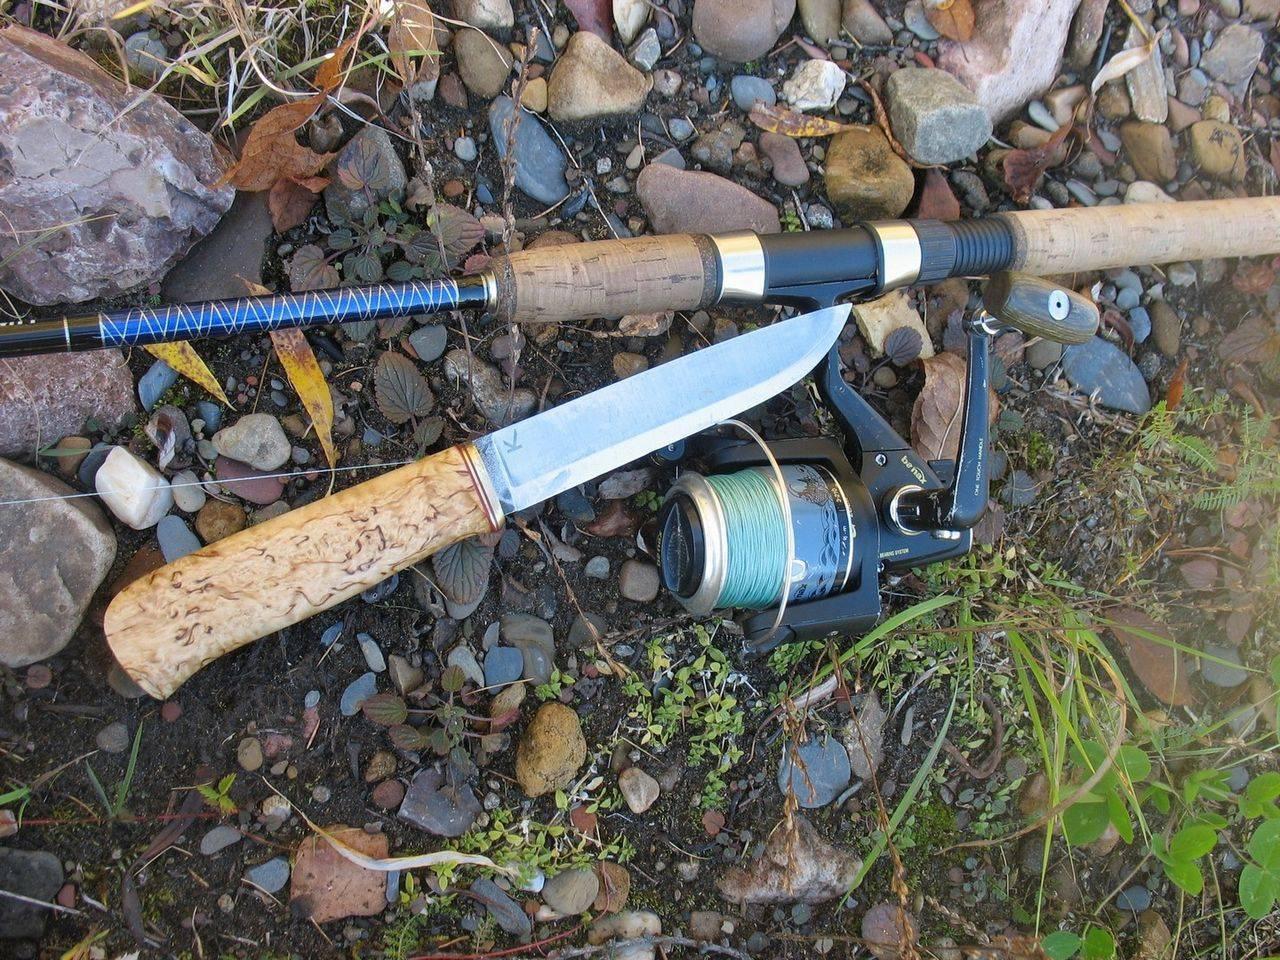 Ножи для рыбалки (34 фото): складные рыбацкие ножи-поплавки и другие модели. как выбрать хороший нож?